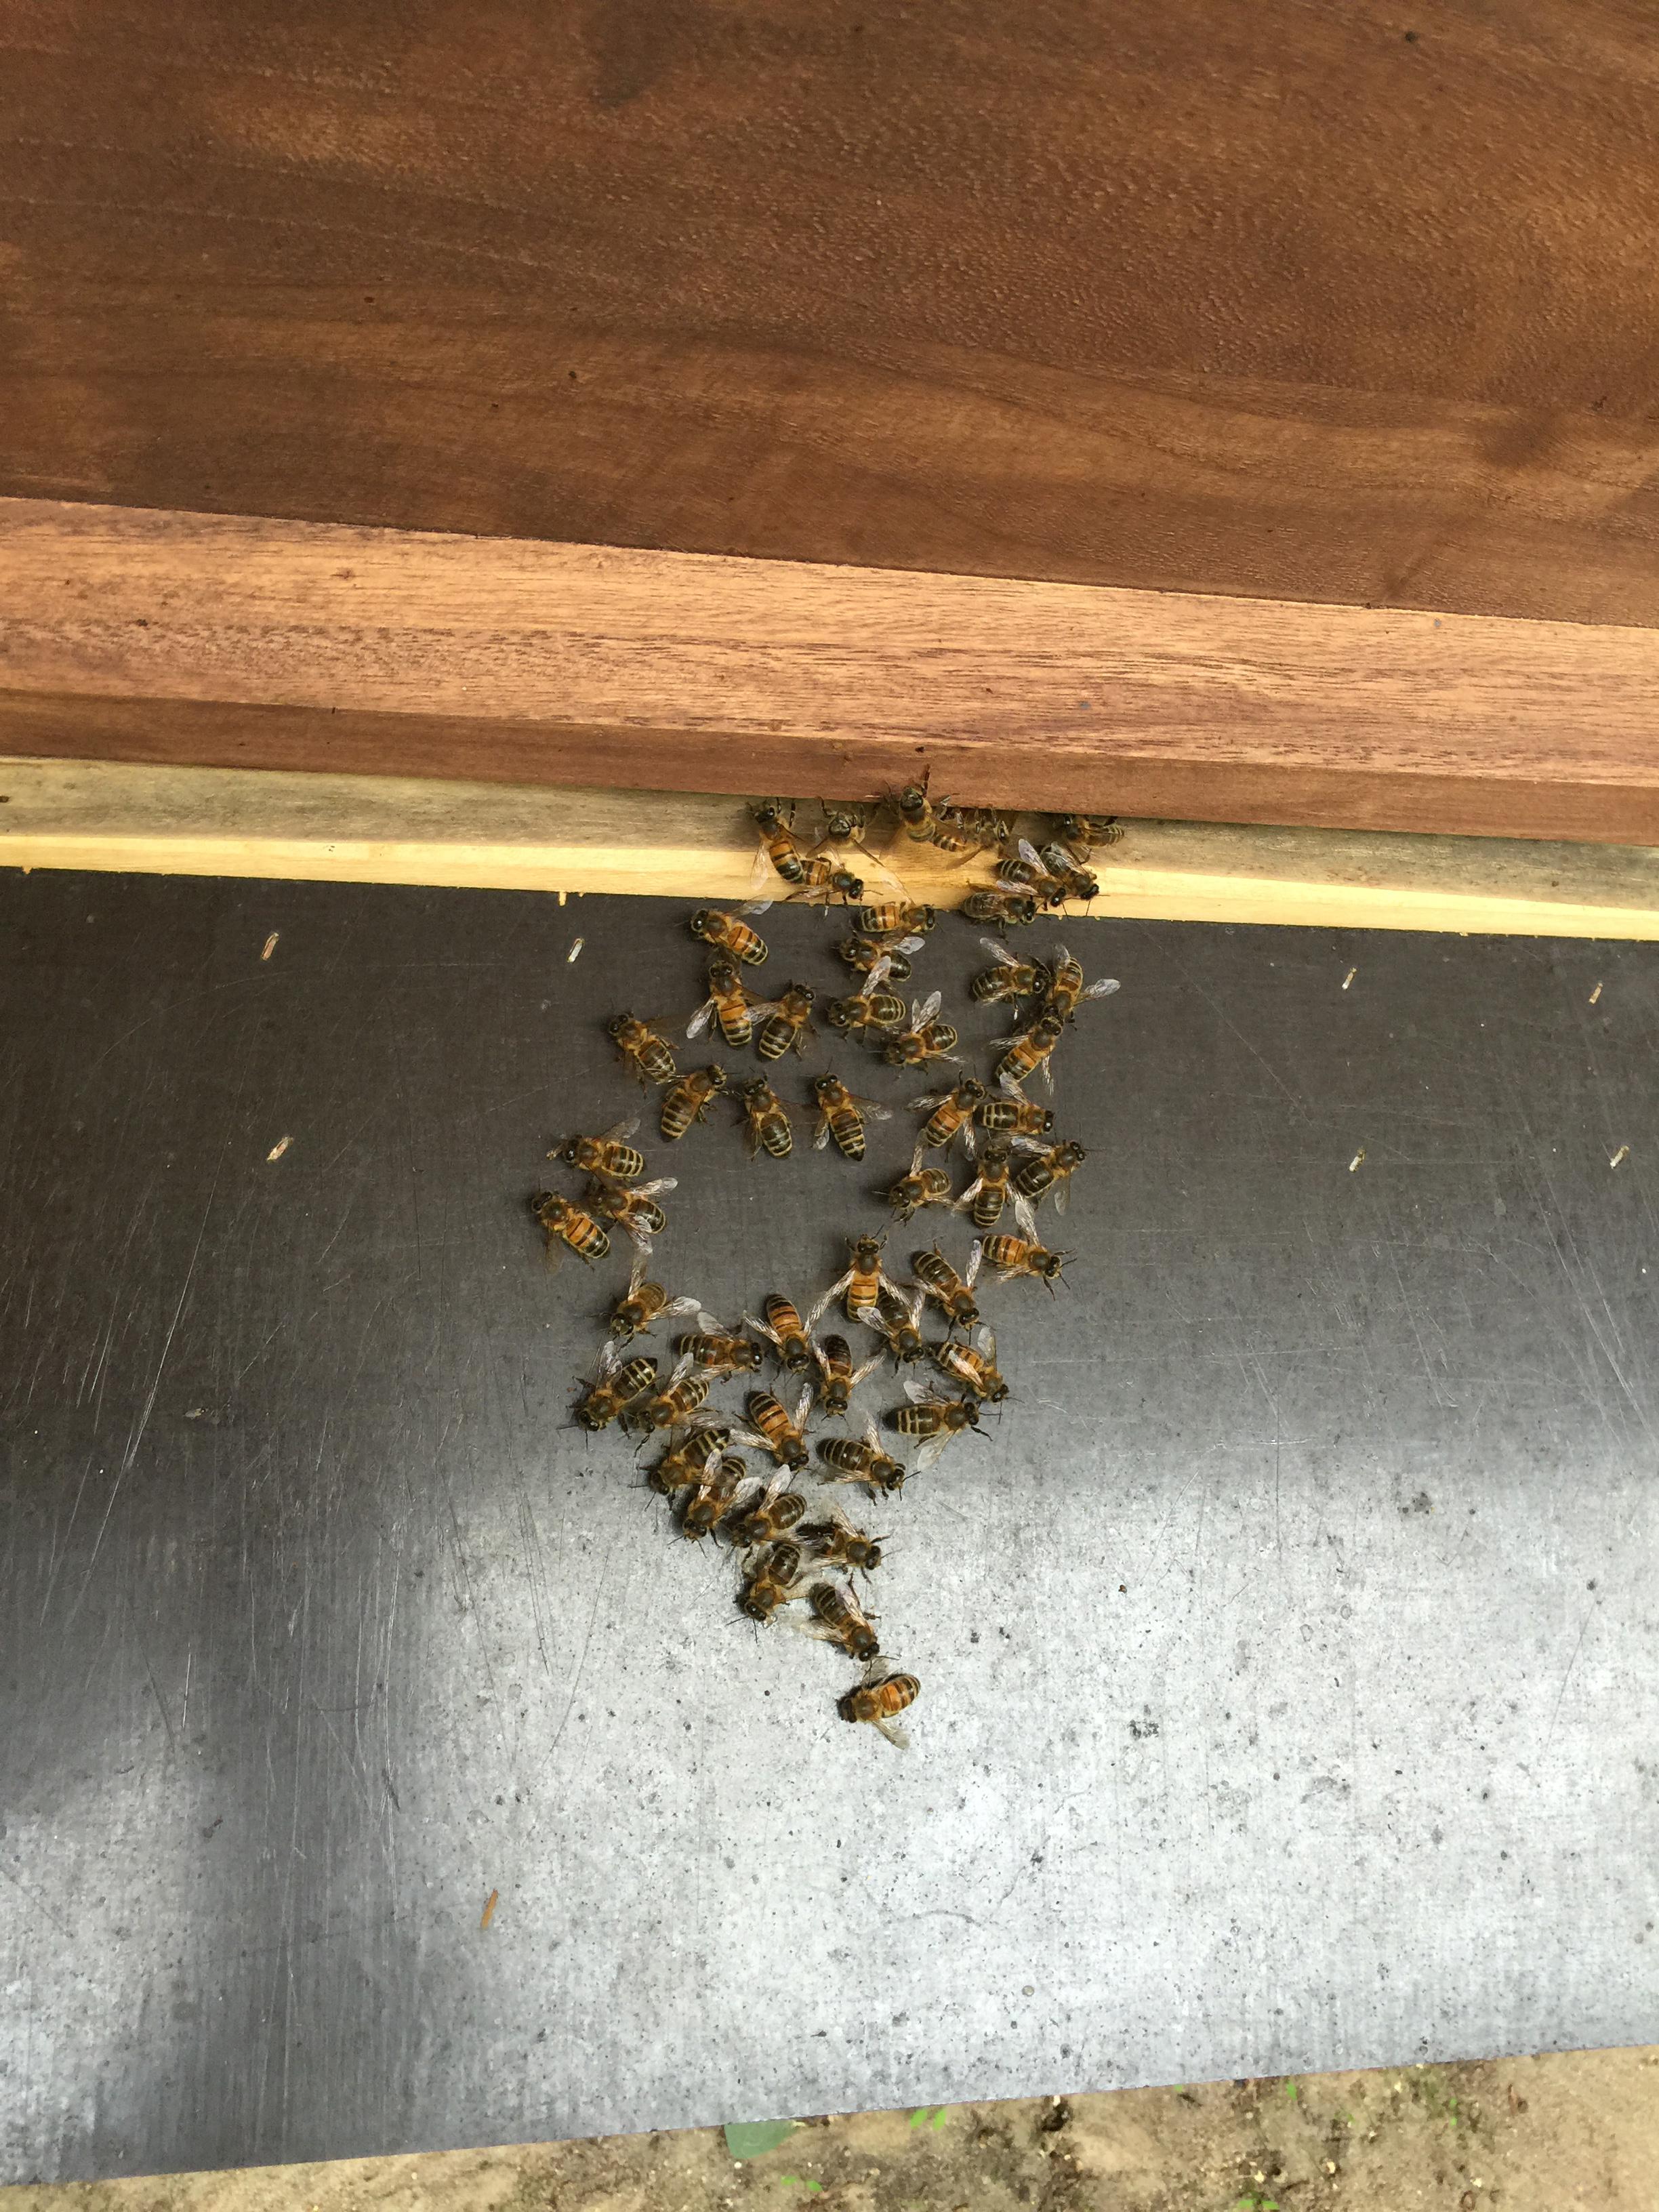 frage bzgl bienen vor dem flugloch imkerforum nordbiene seit 2007. Black Bedroom Furniture Sets. Home Design Ideas